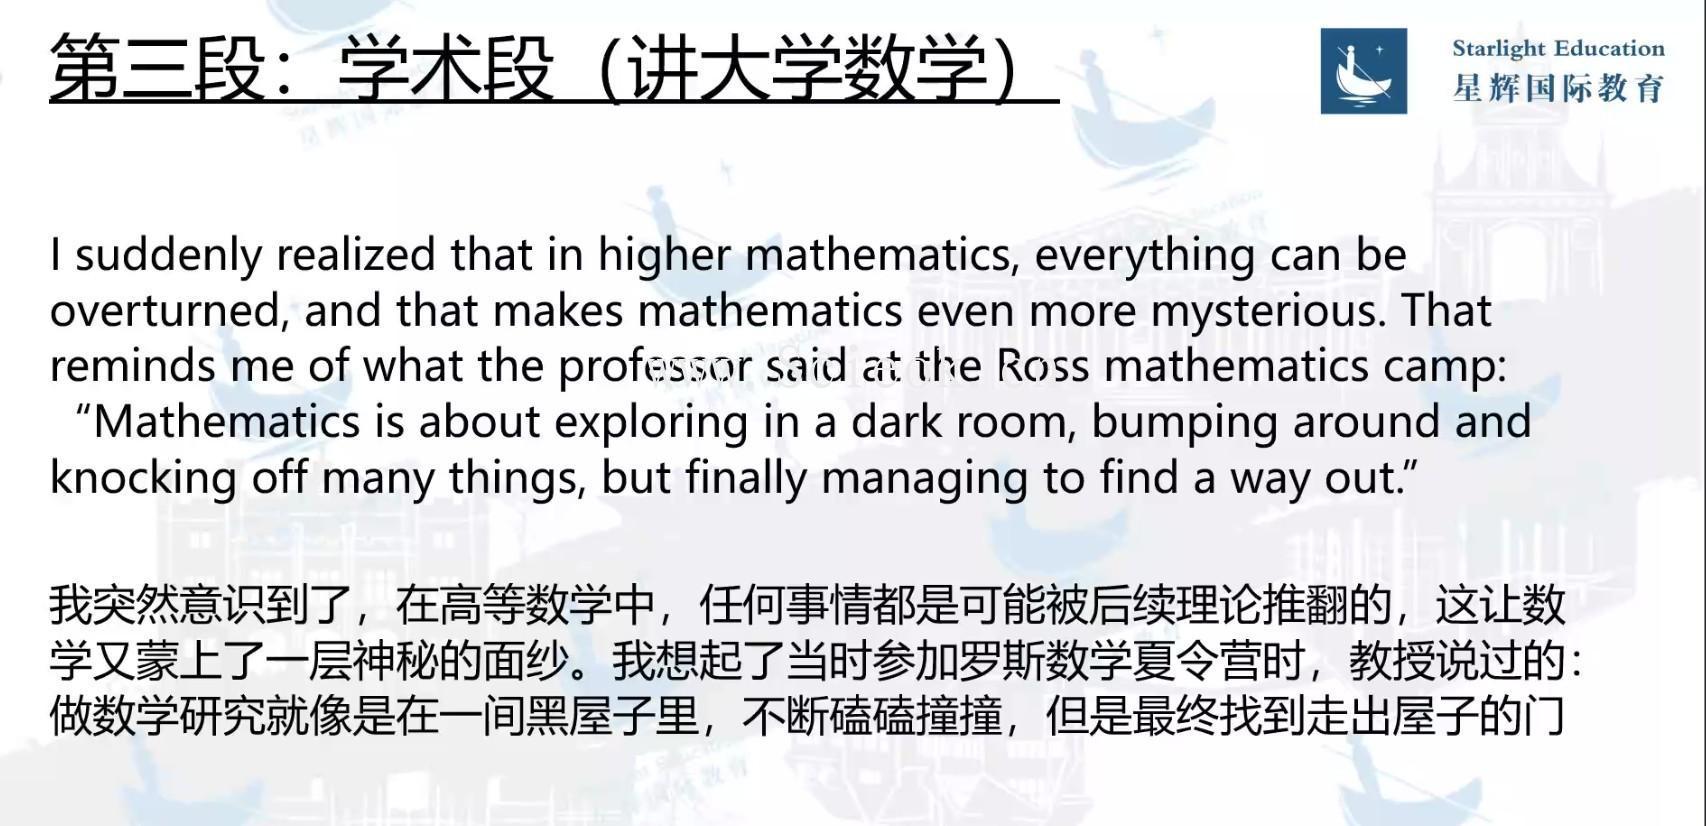 星辉国际教育:如何写出能惊艳牛剑面试官的文书  牛津大学 留学 Vinson 第8张